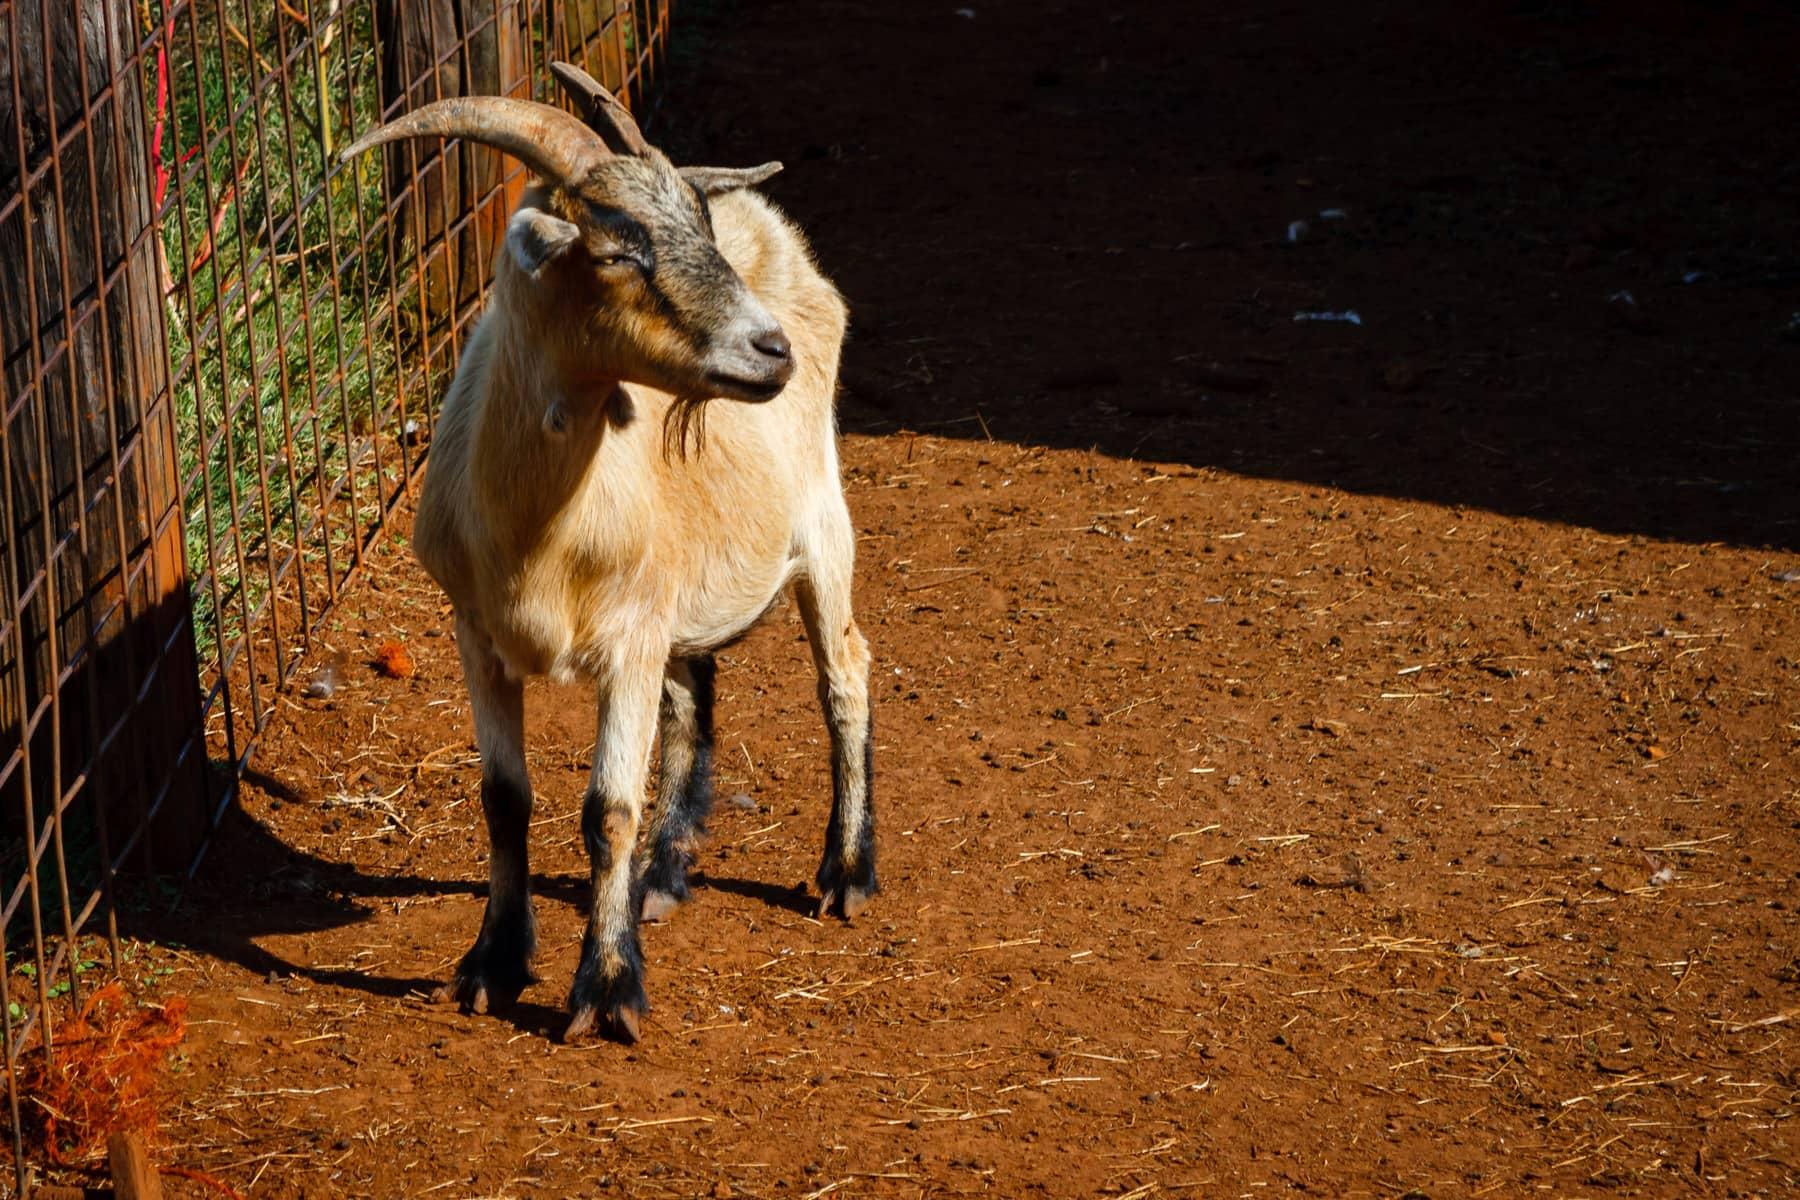 A goat found at Moore Farms, Bullard, Texas.